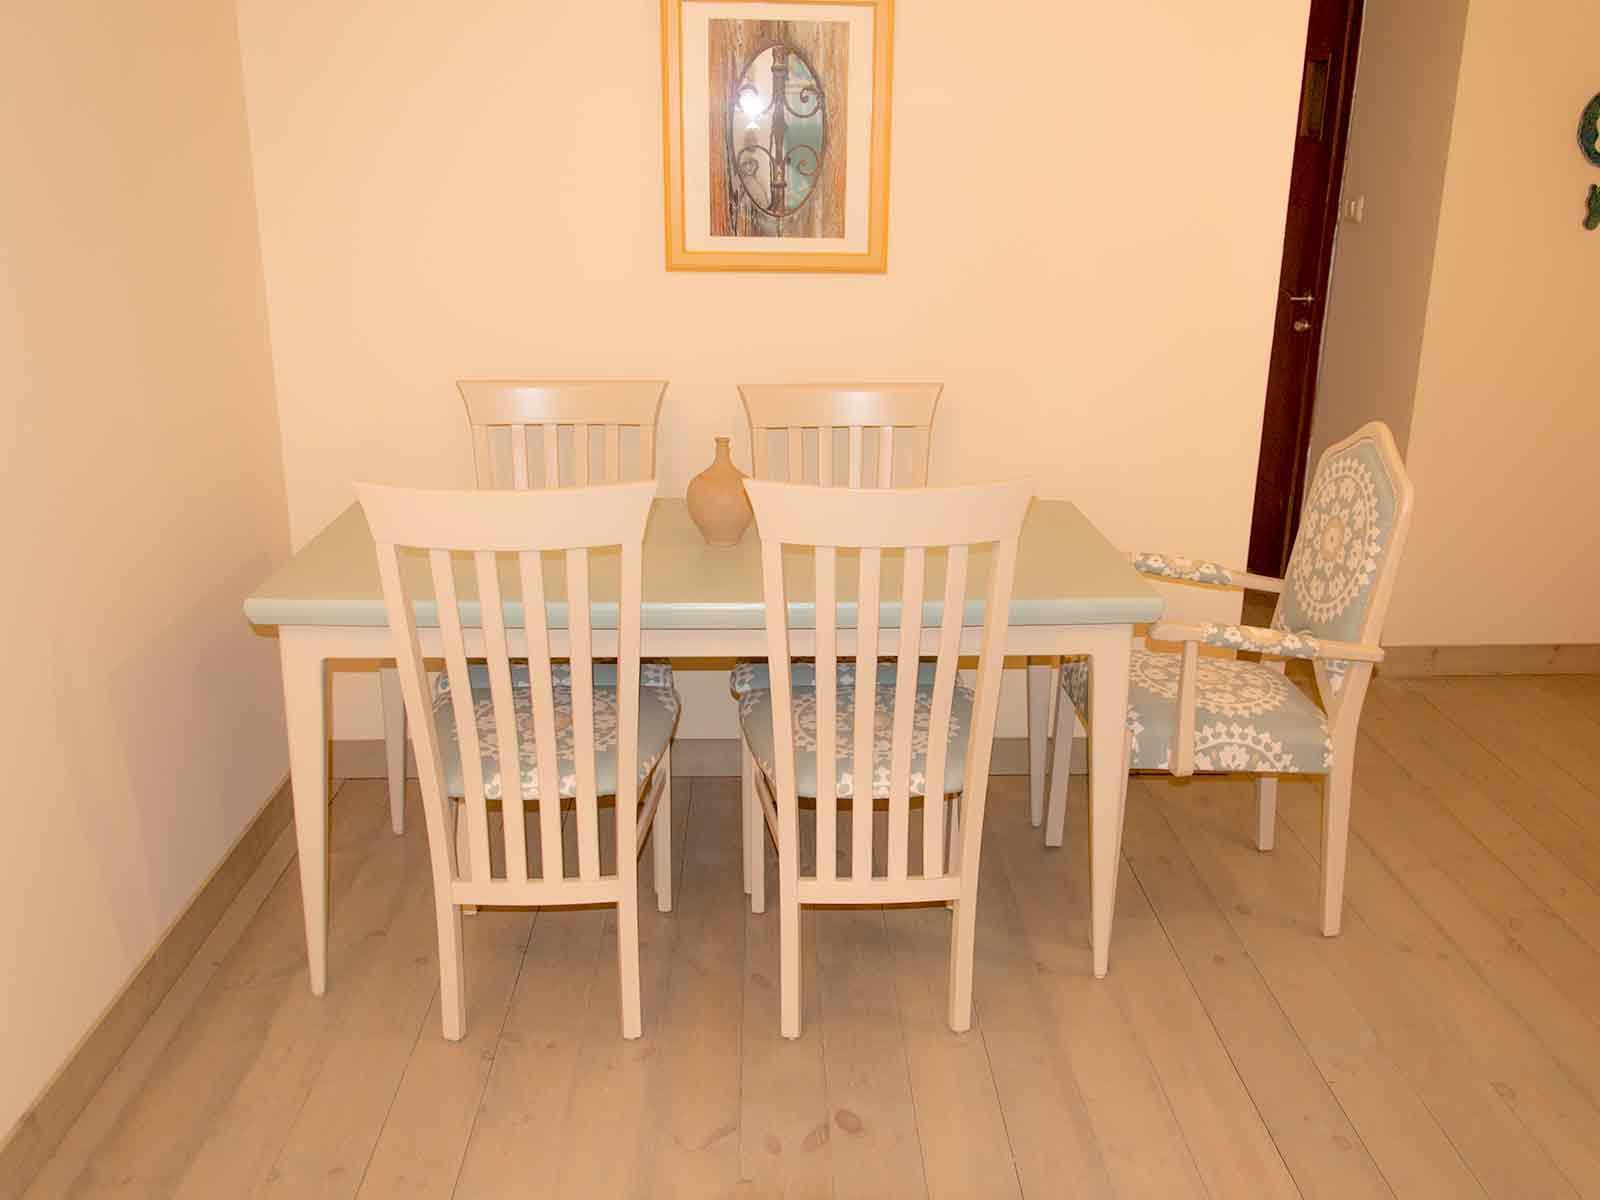 מעשה בכיסא - סטודיו רהיטים מחודשים